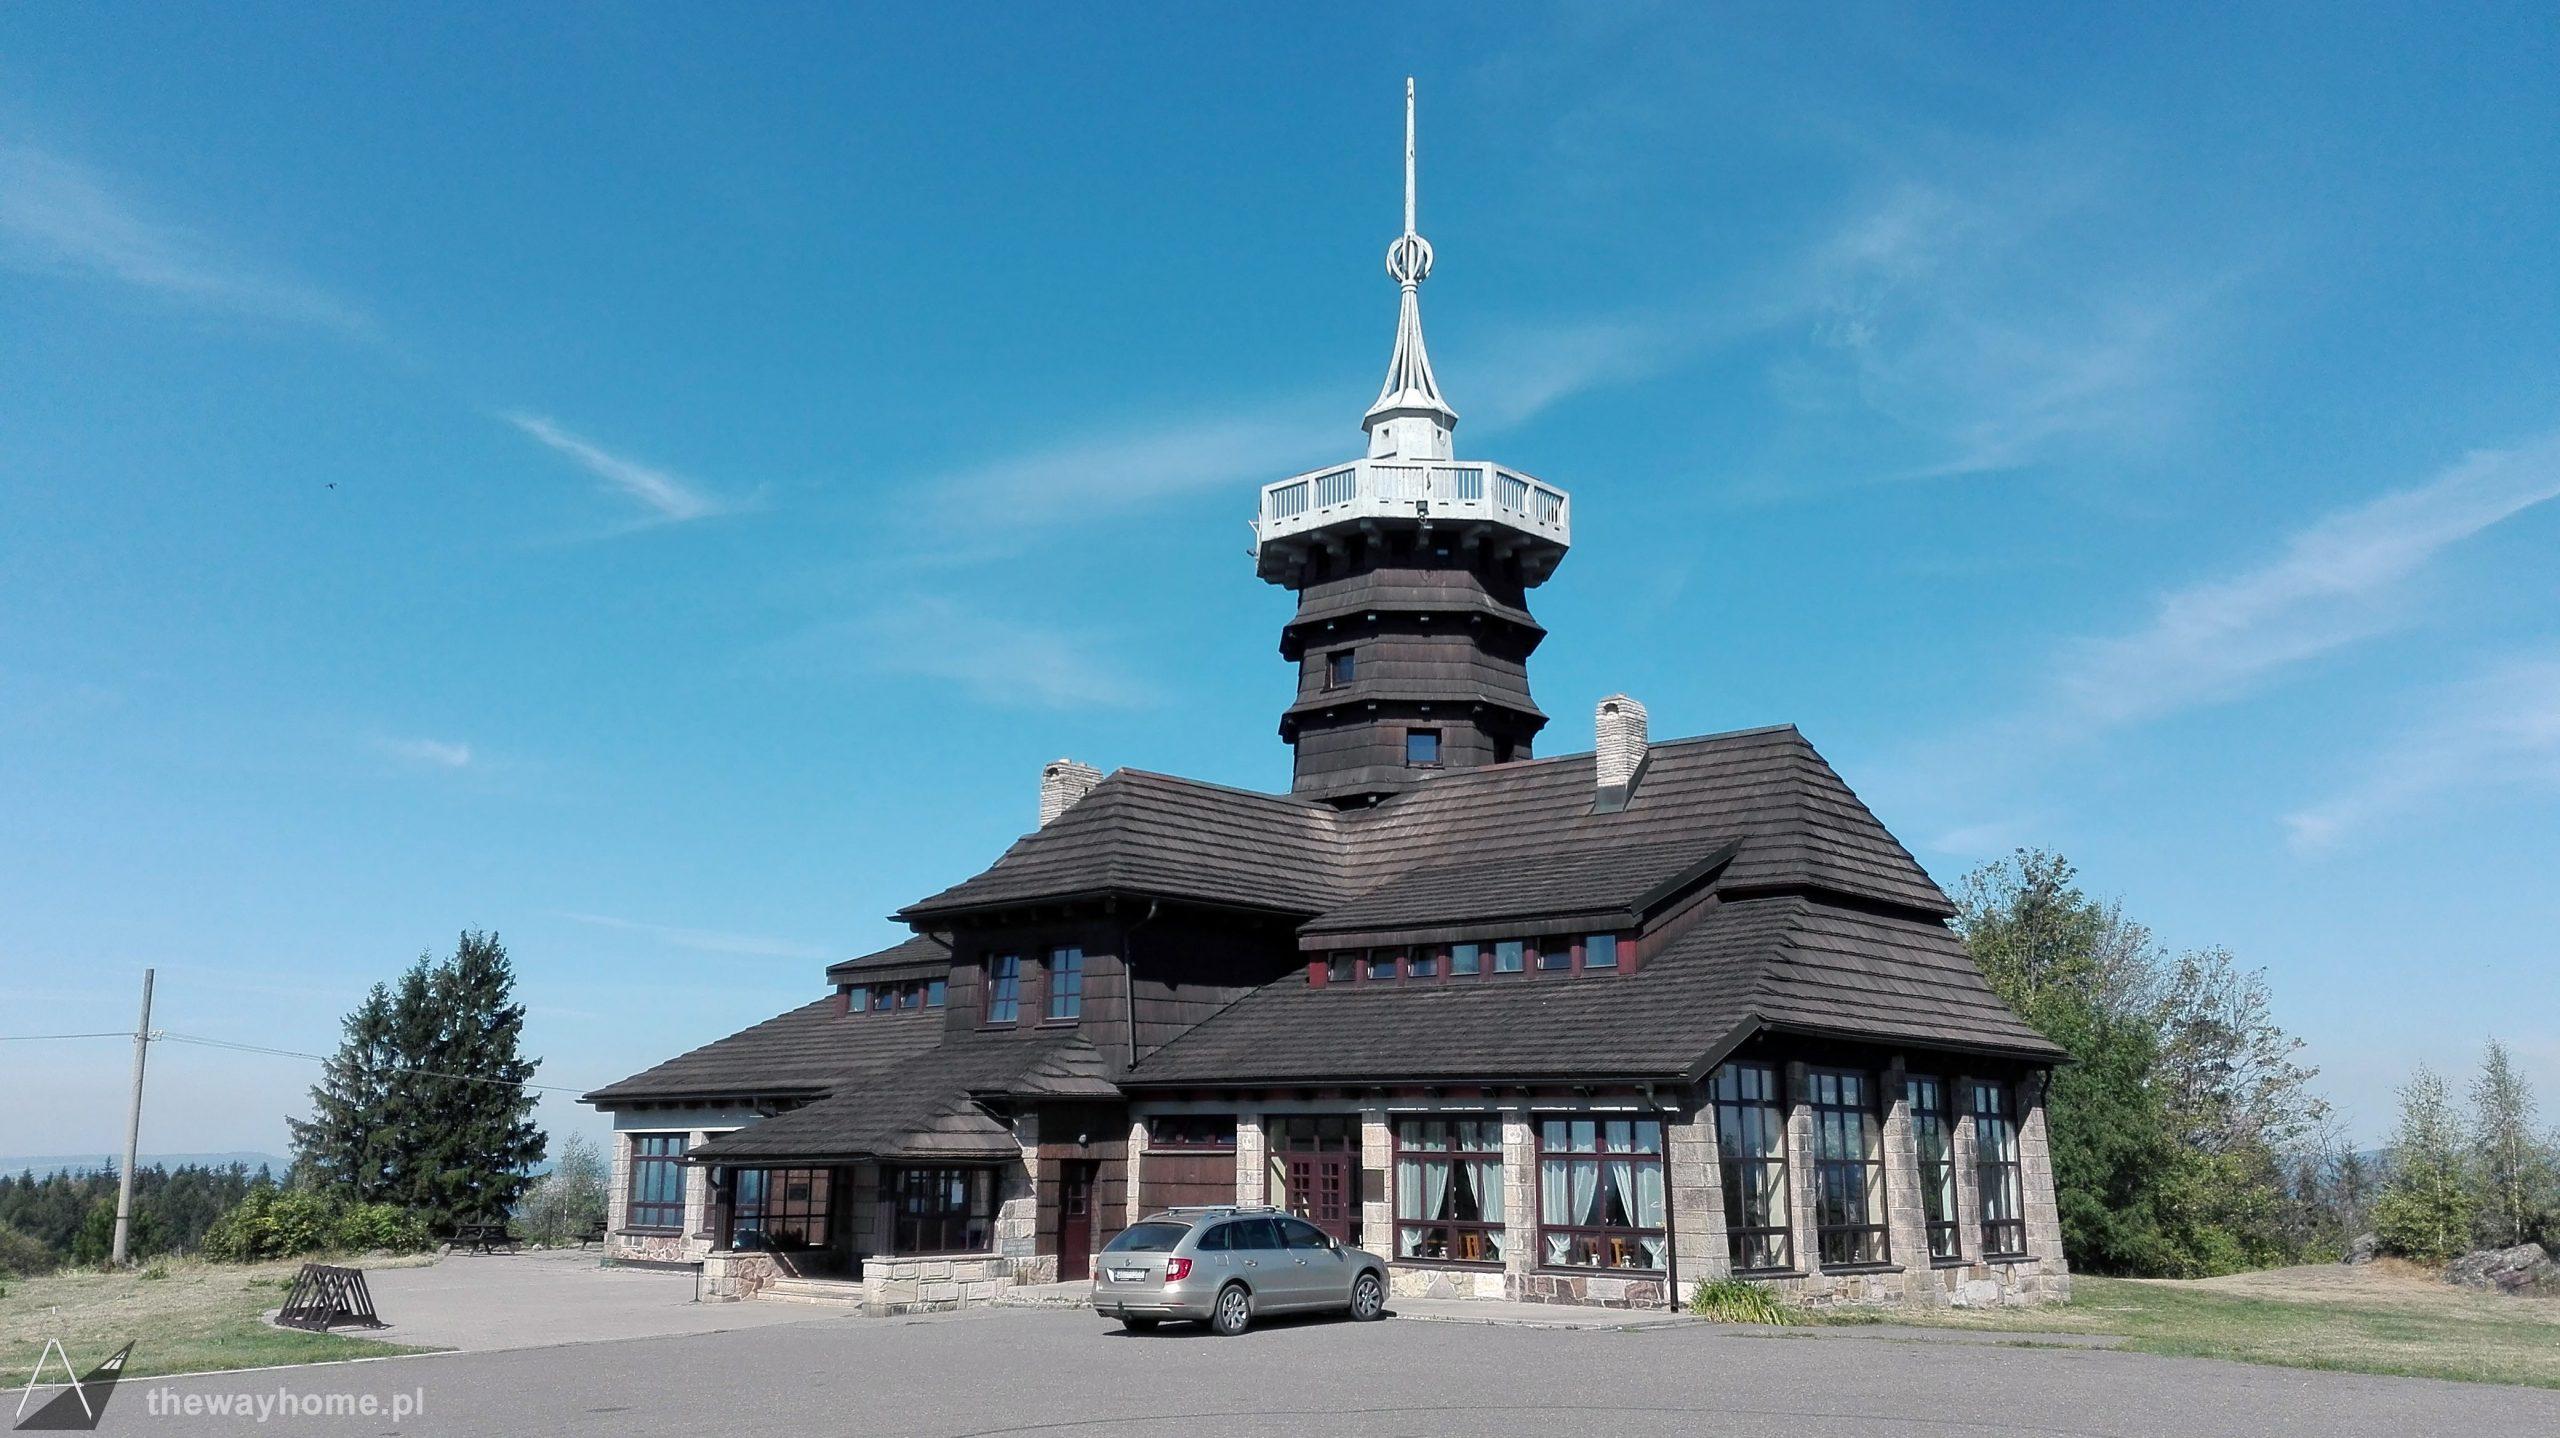 Jiraskova Chata